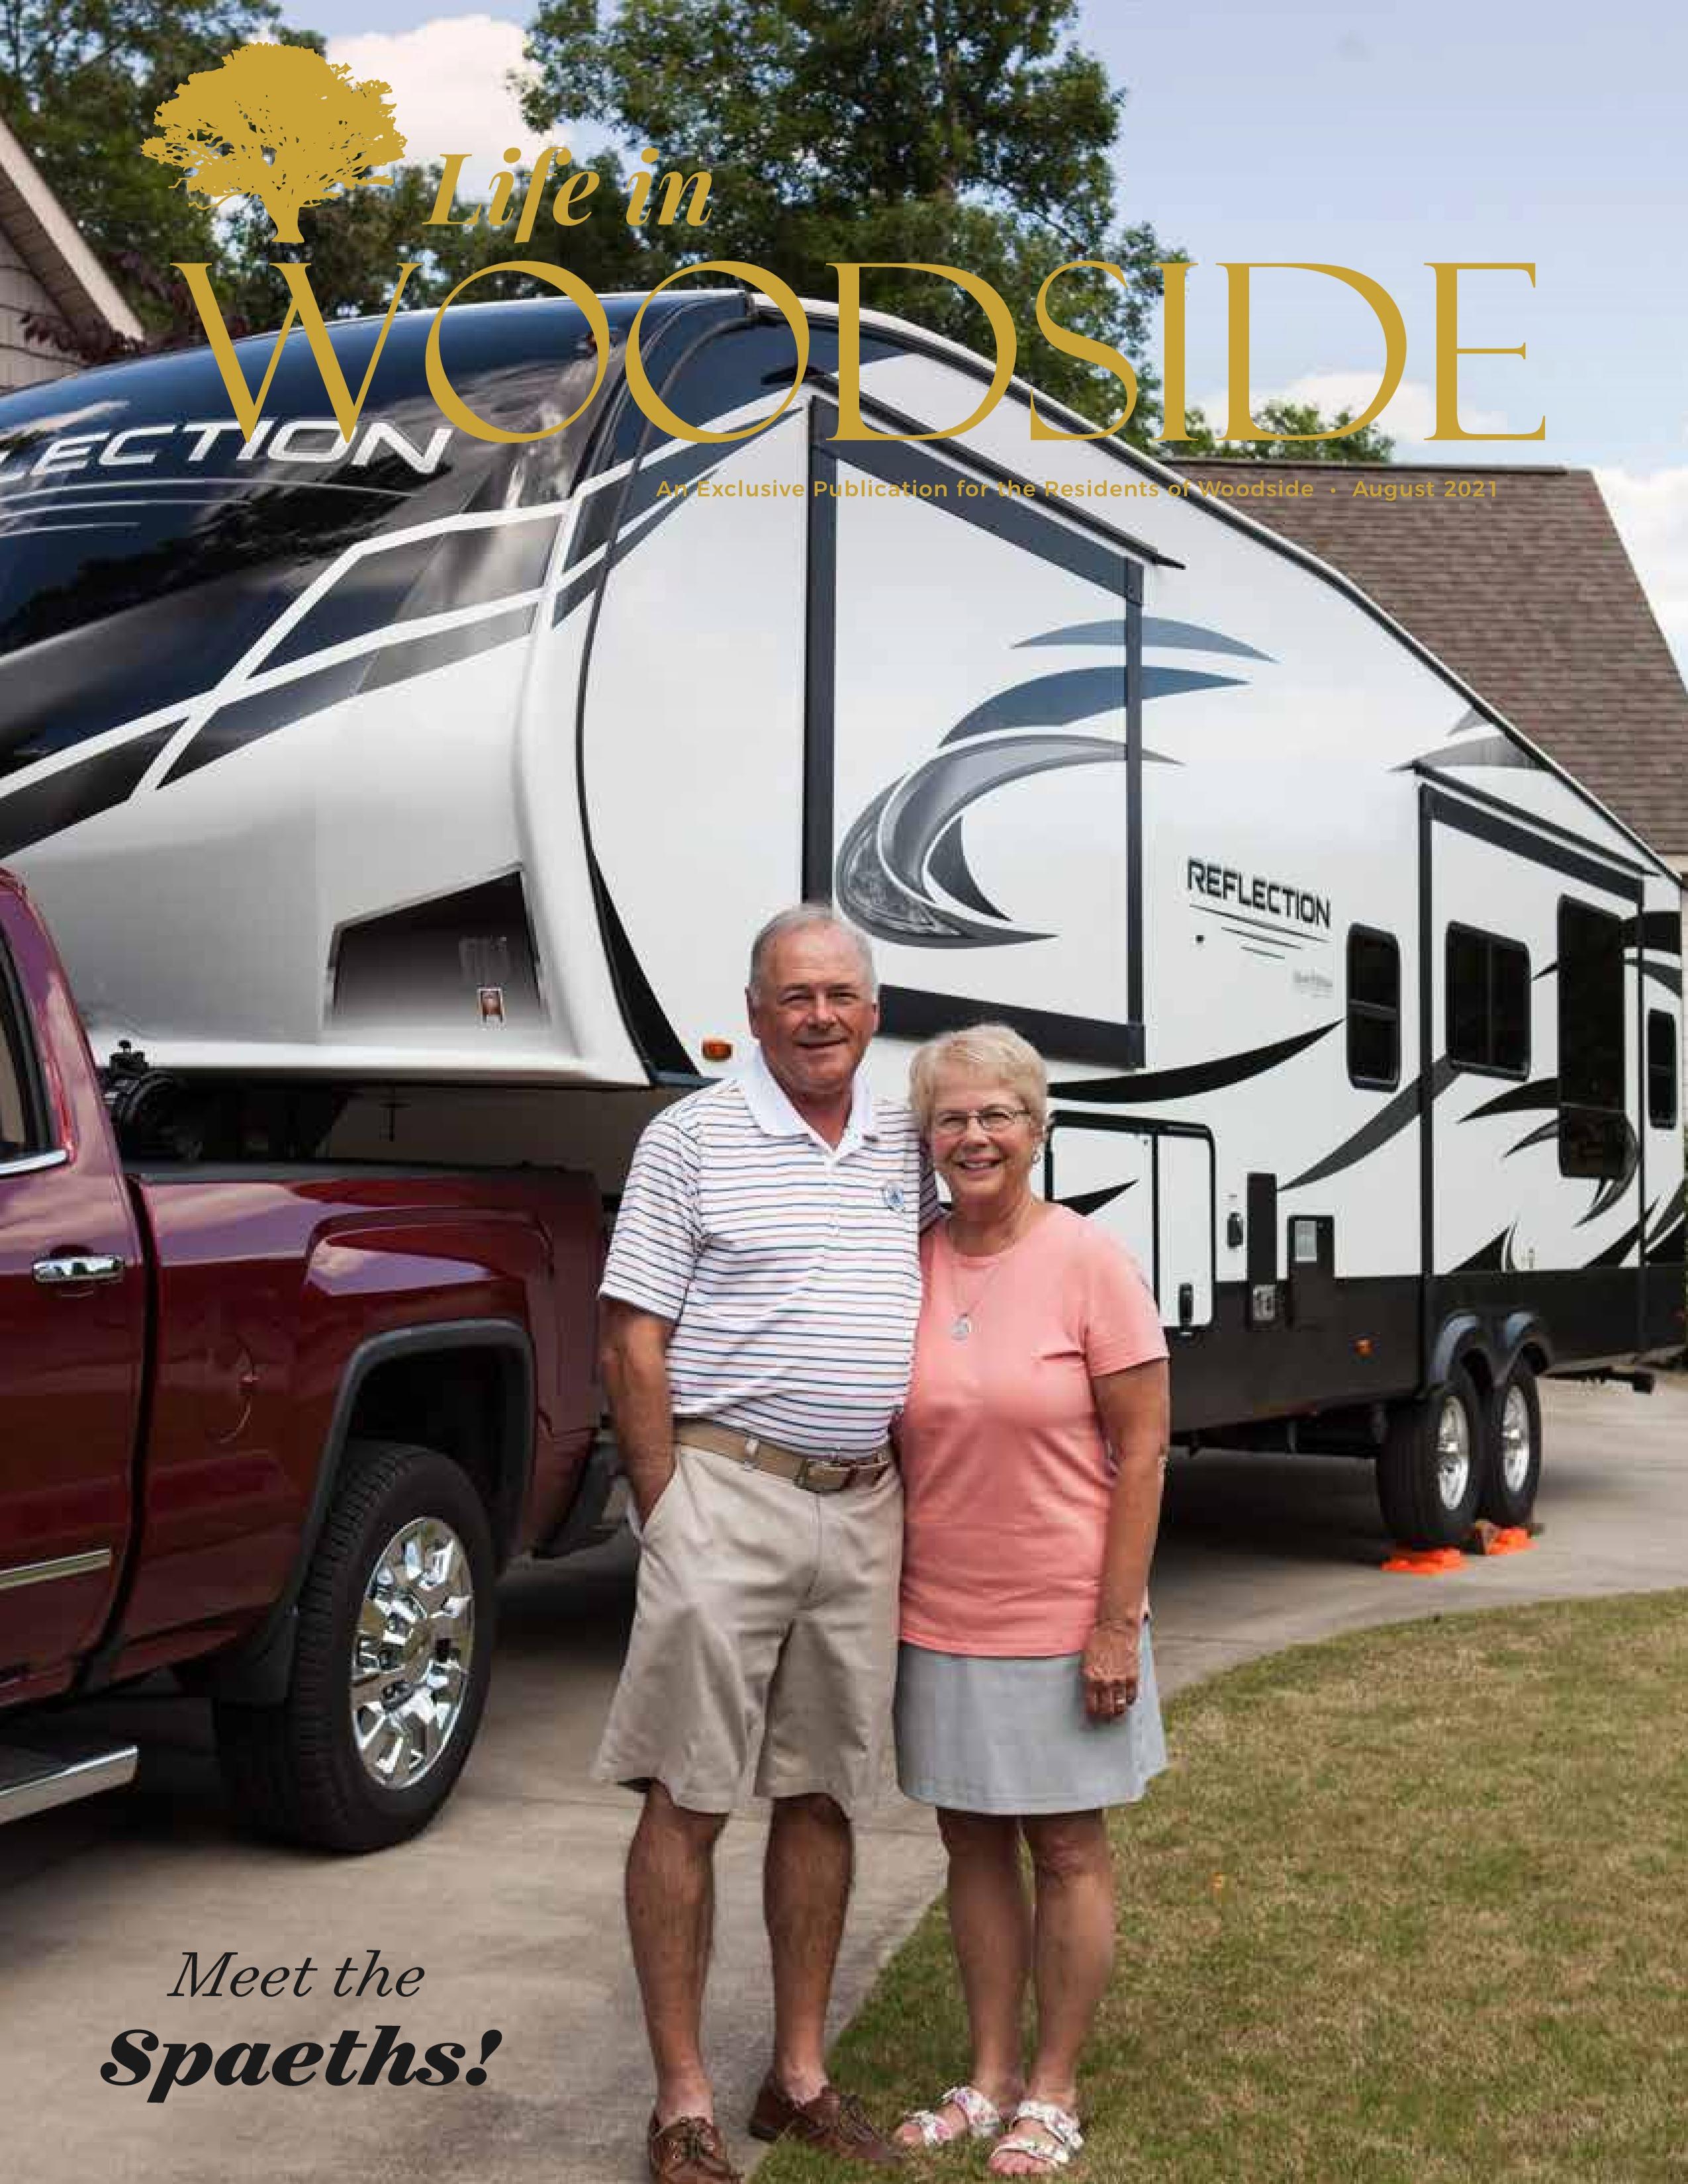 Life in Woodside 2021-08-01